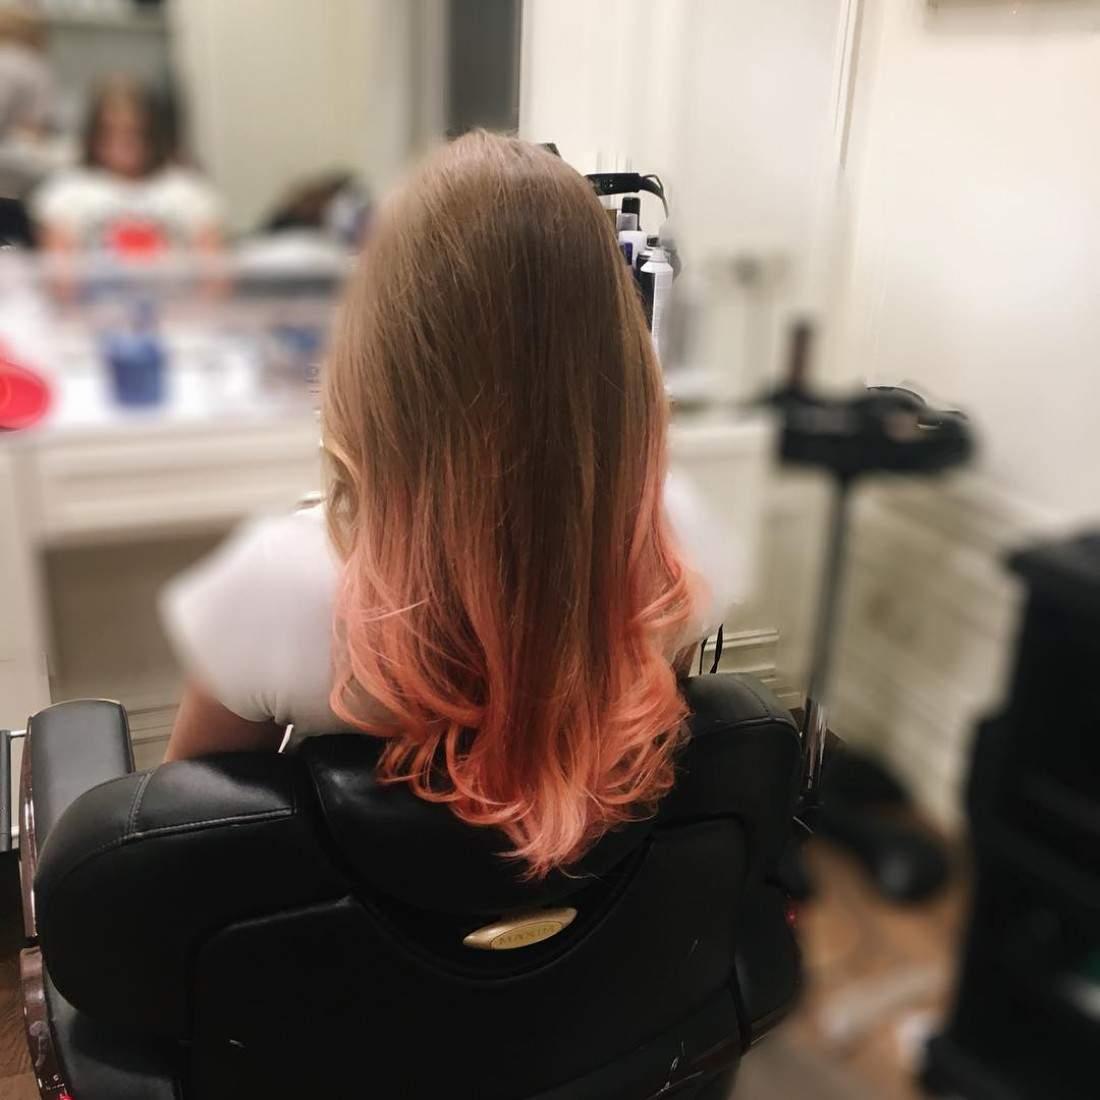 Эксперименты с прической: 11-летняя дочь популярной украинской телеведущей сделала розовое омбре (фото)